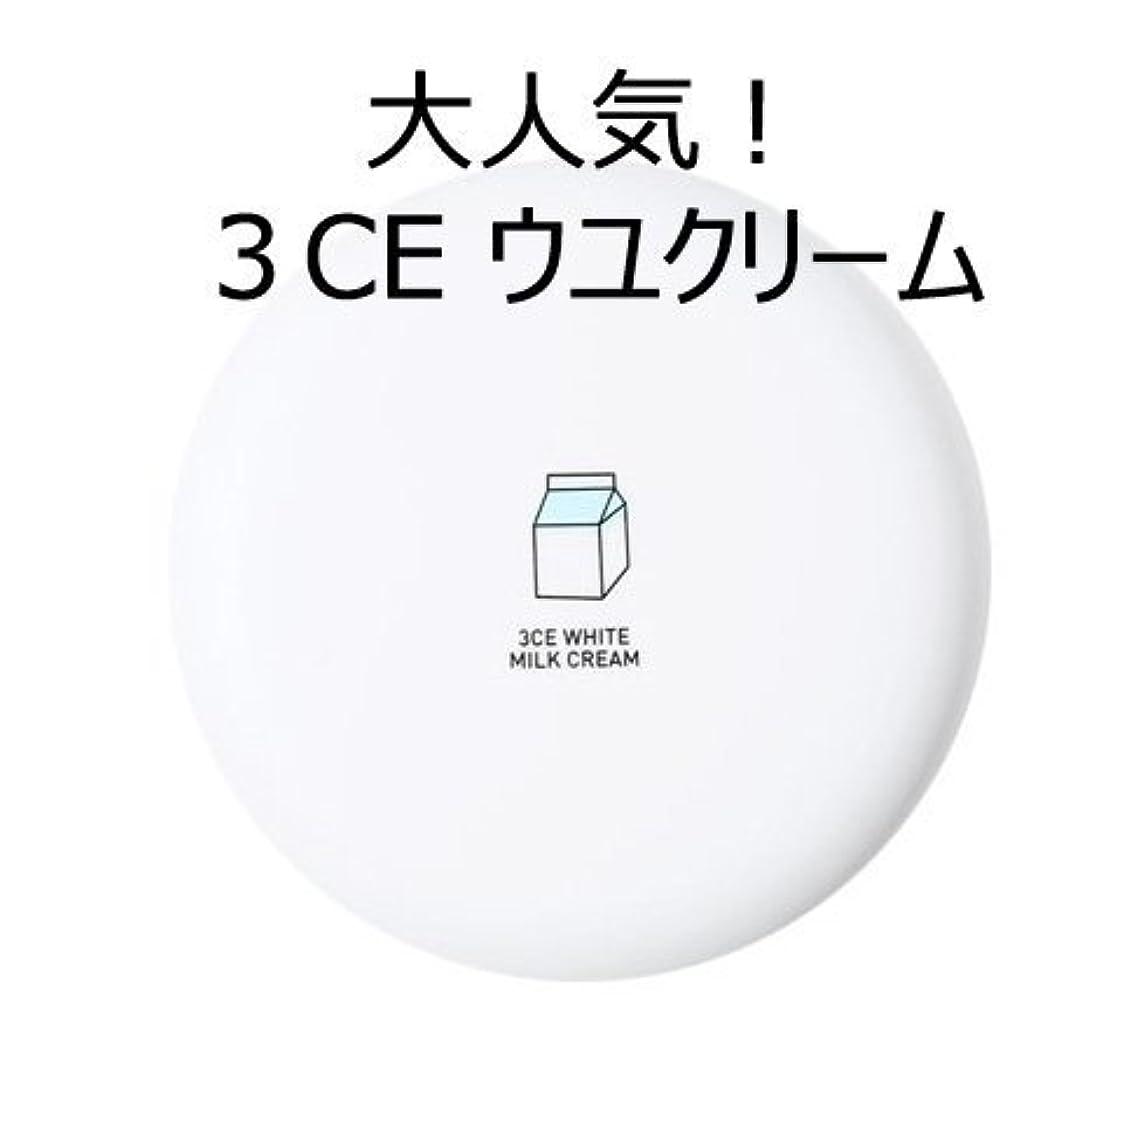 不幸噴火露出度の高い[3CE] [大人気!話題のウユクリーム] 3CE White Milk Cream [並行輸入品]